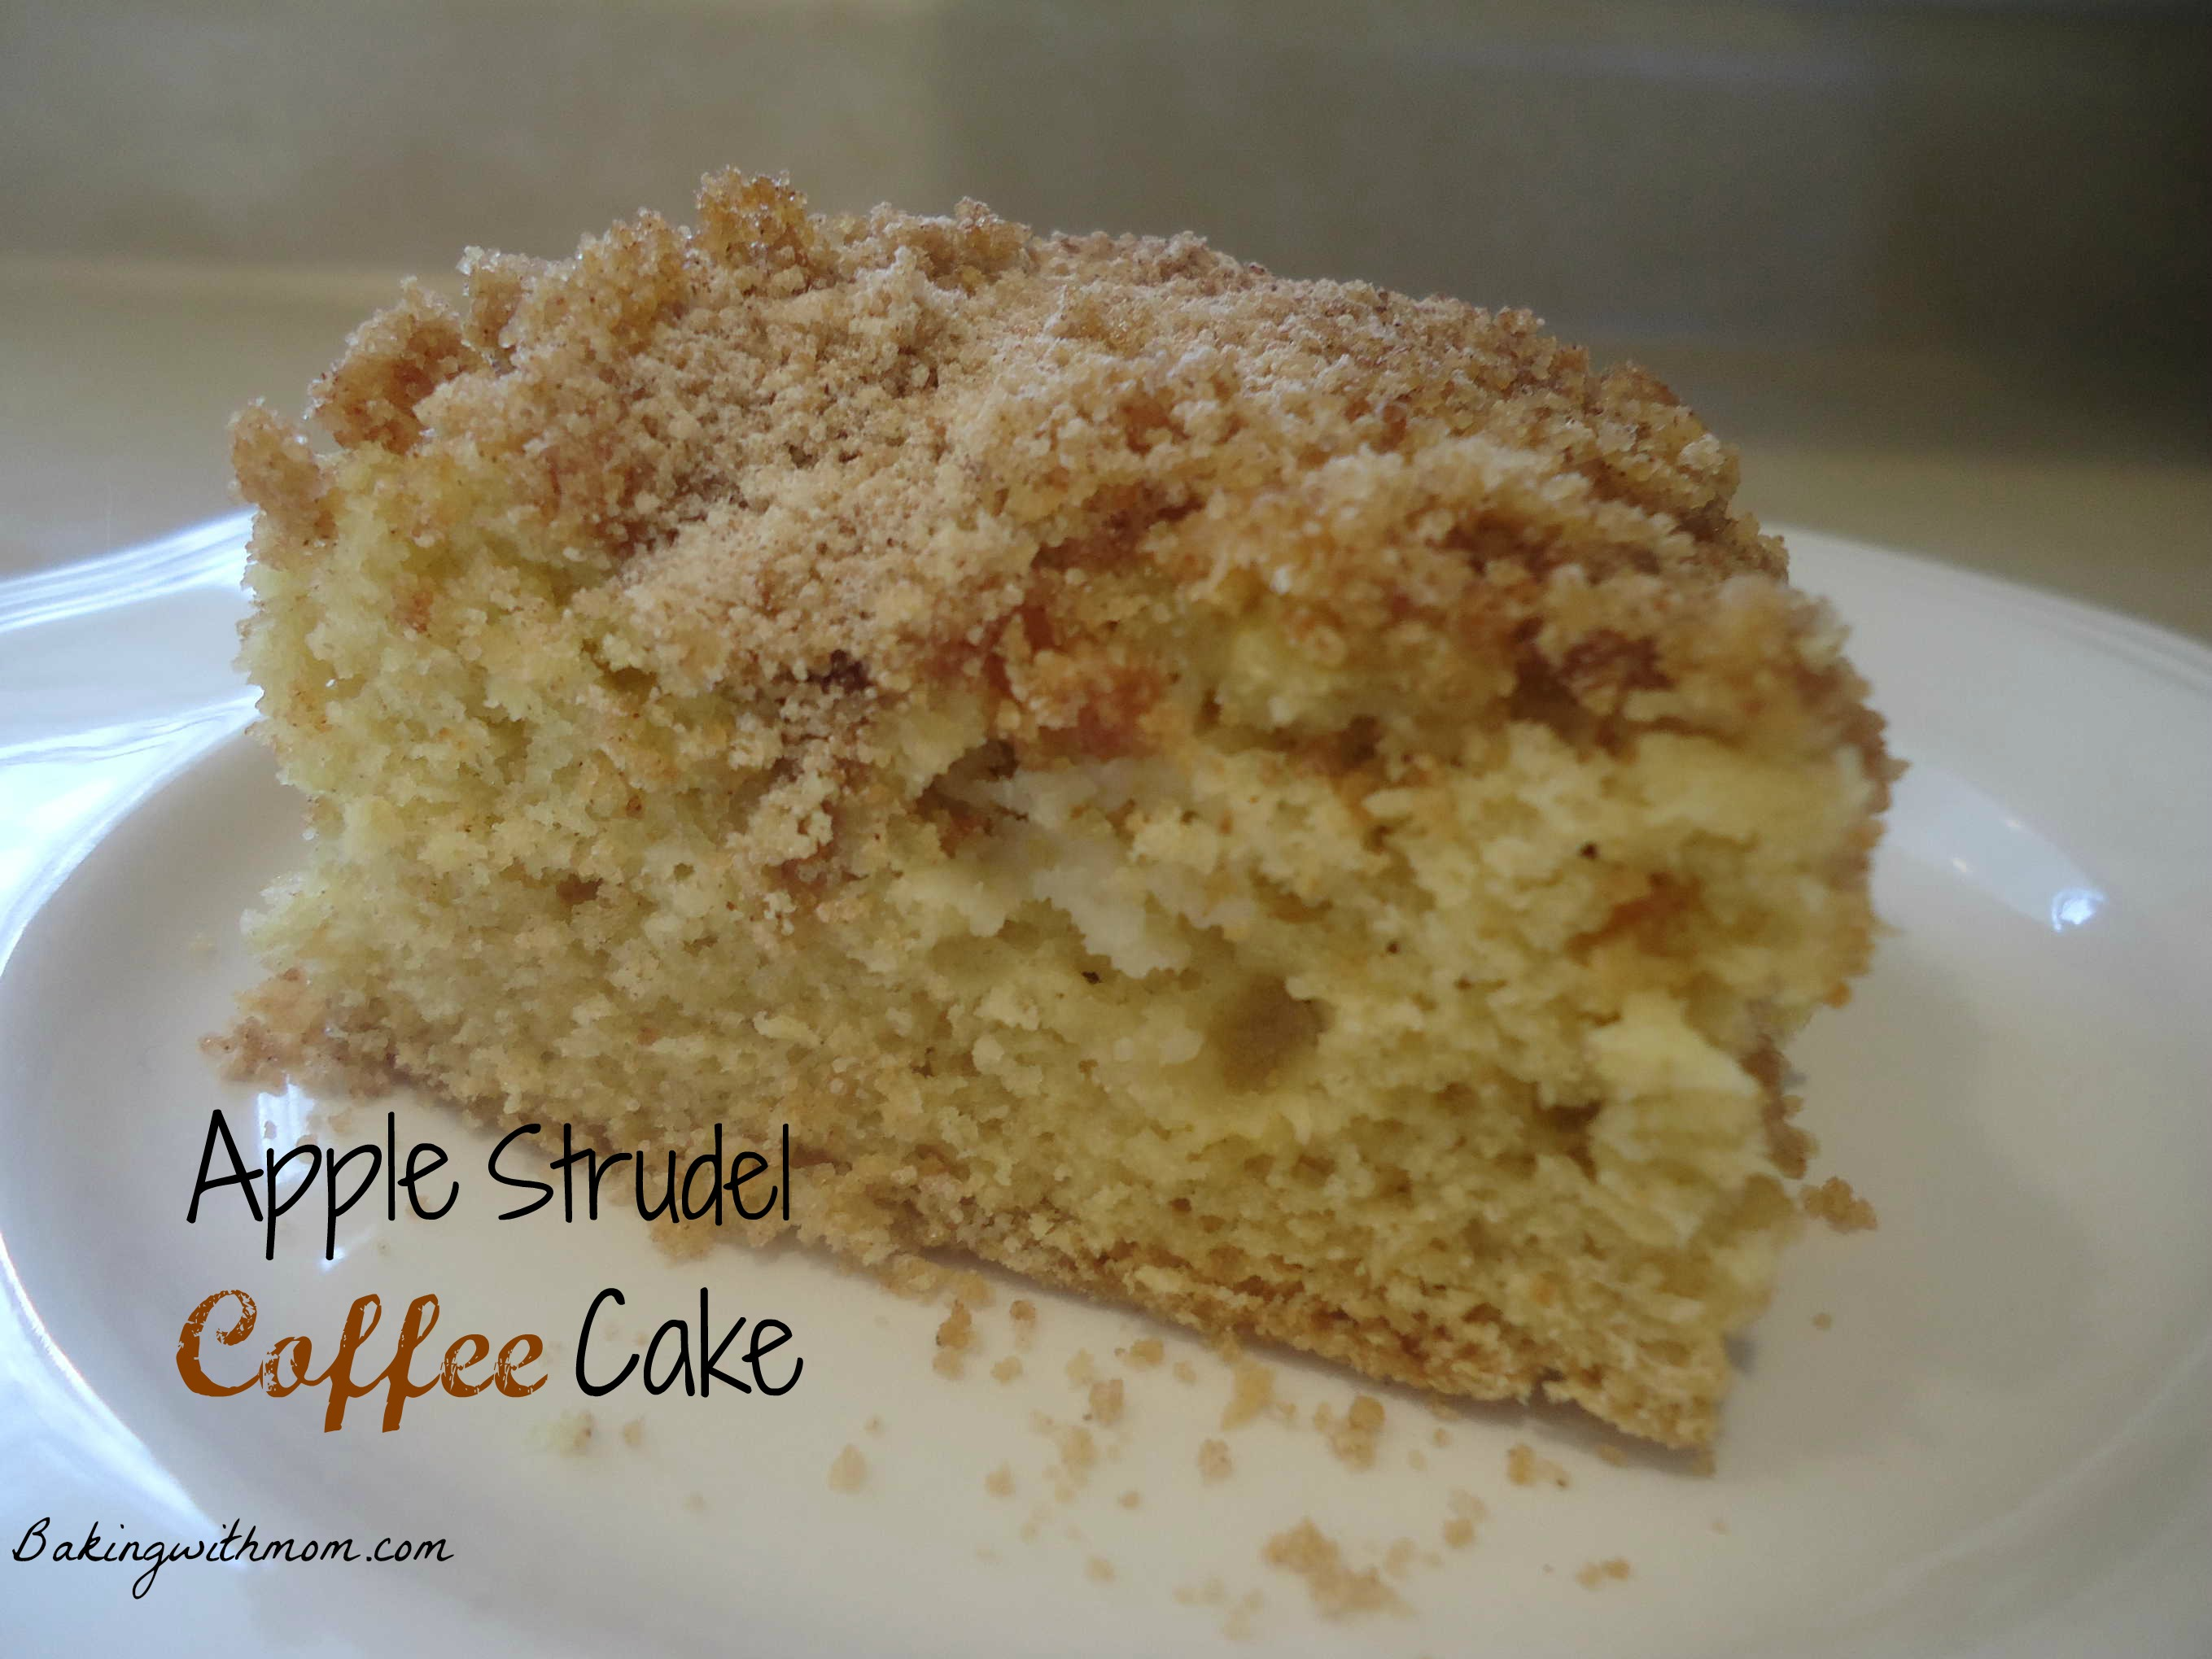 Apple Strudel Coffee Cake